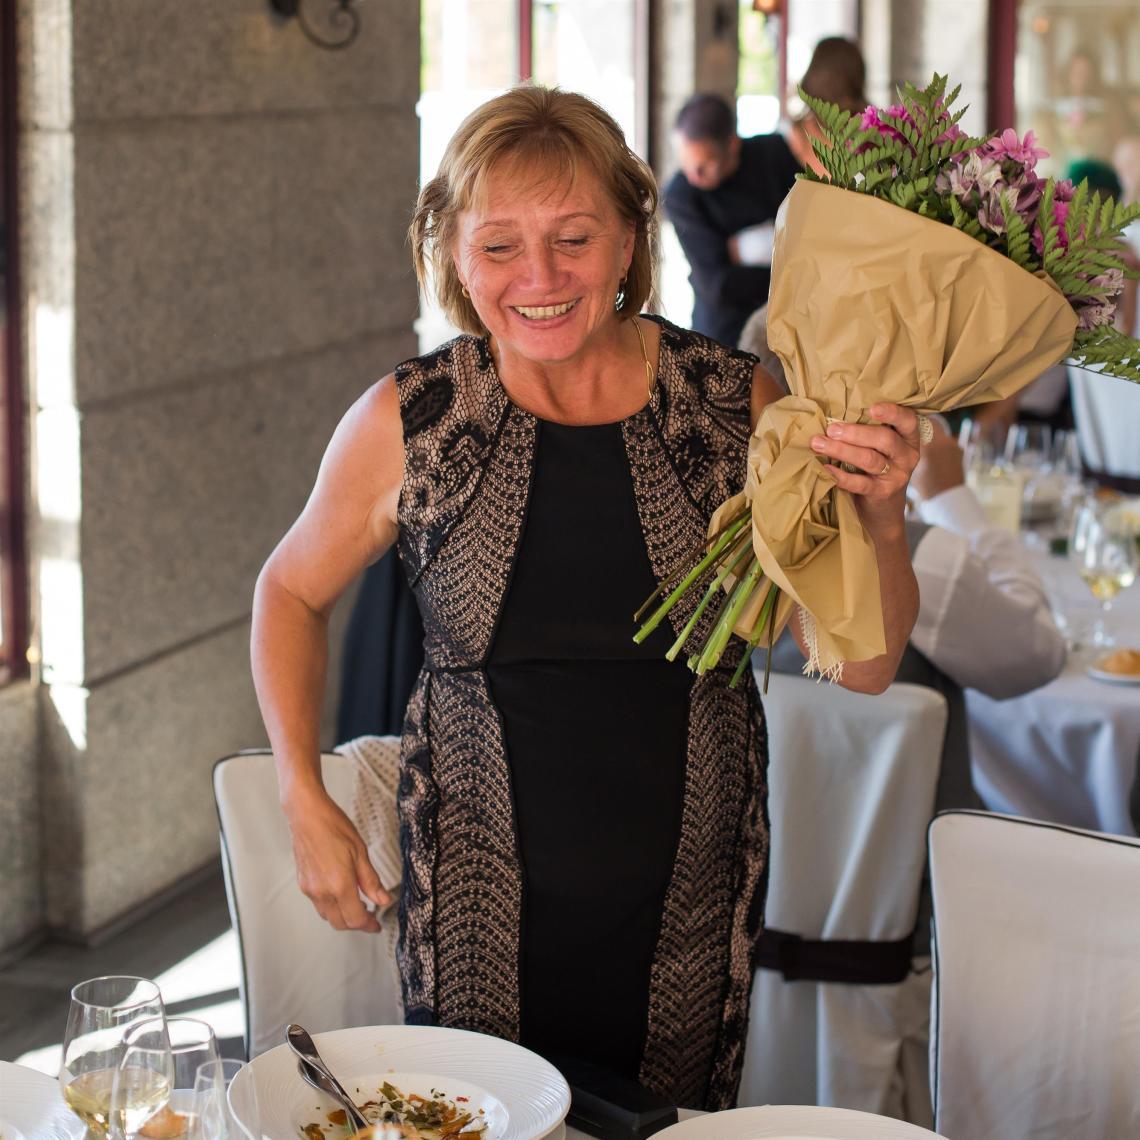 boda-espanola-sueca-ella-se-viste-de-blanco (28)